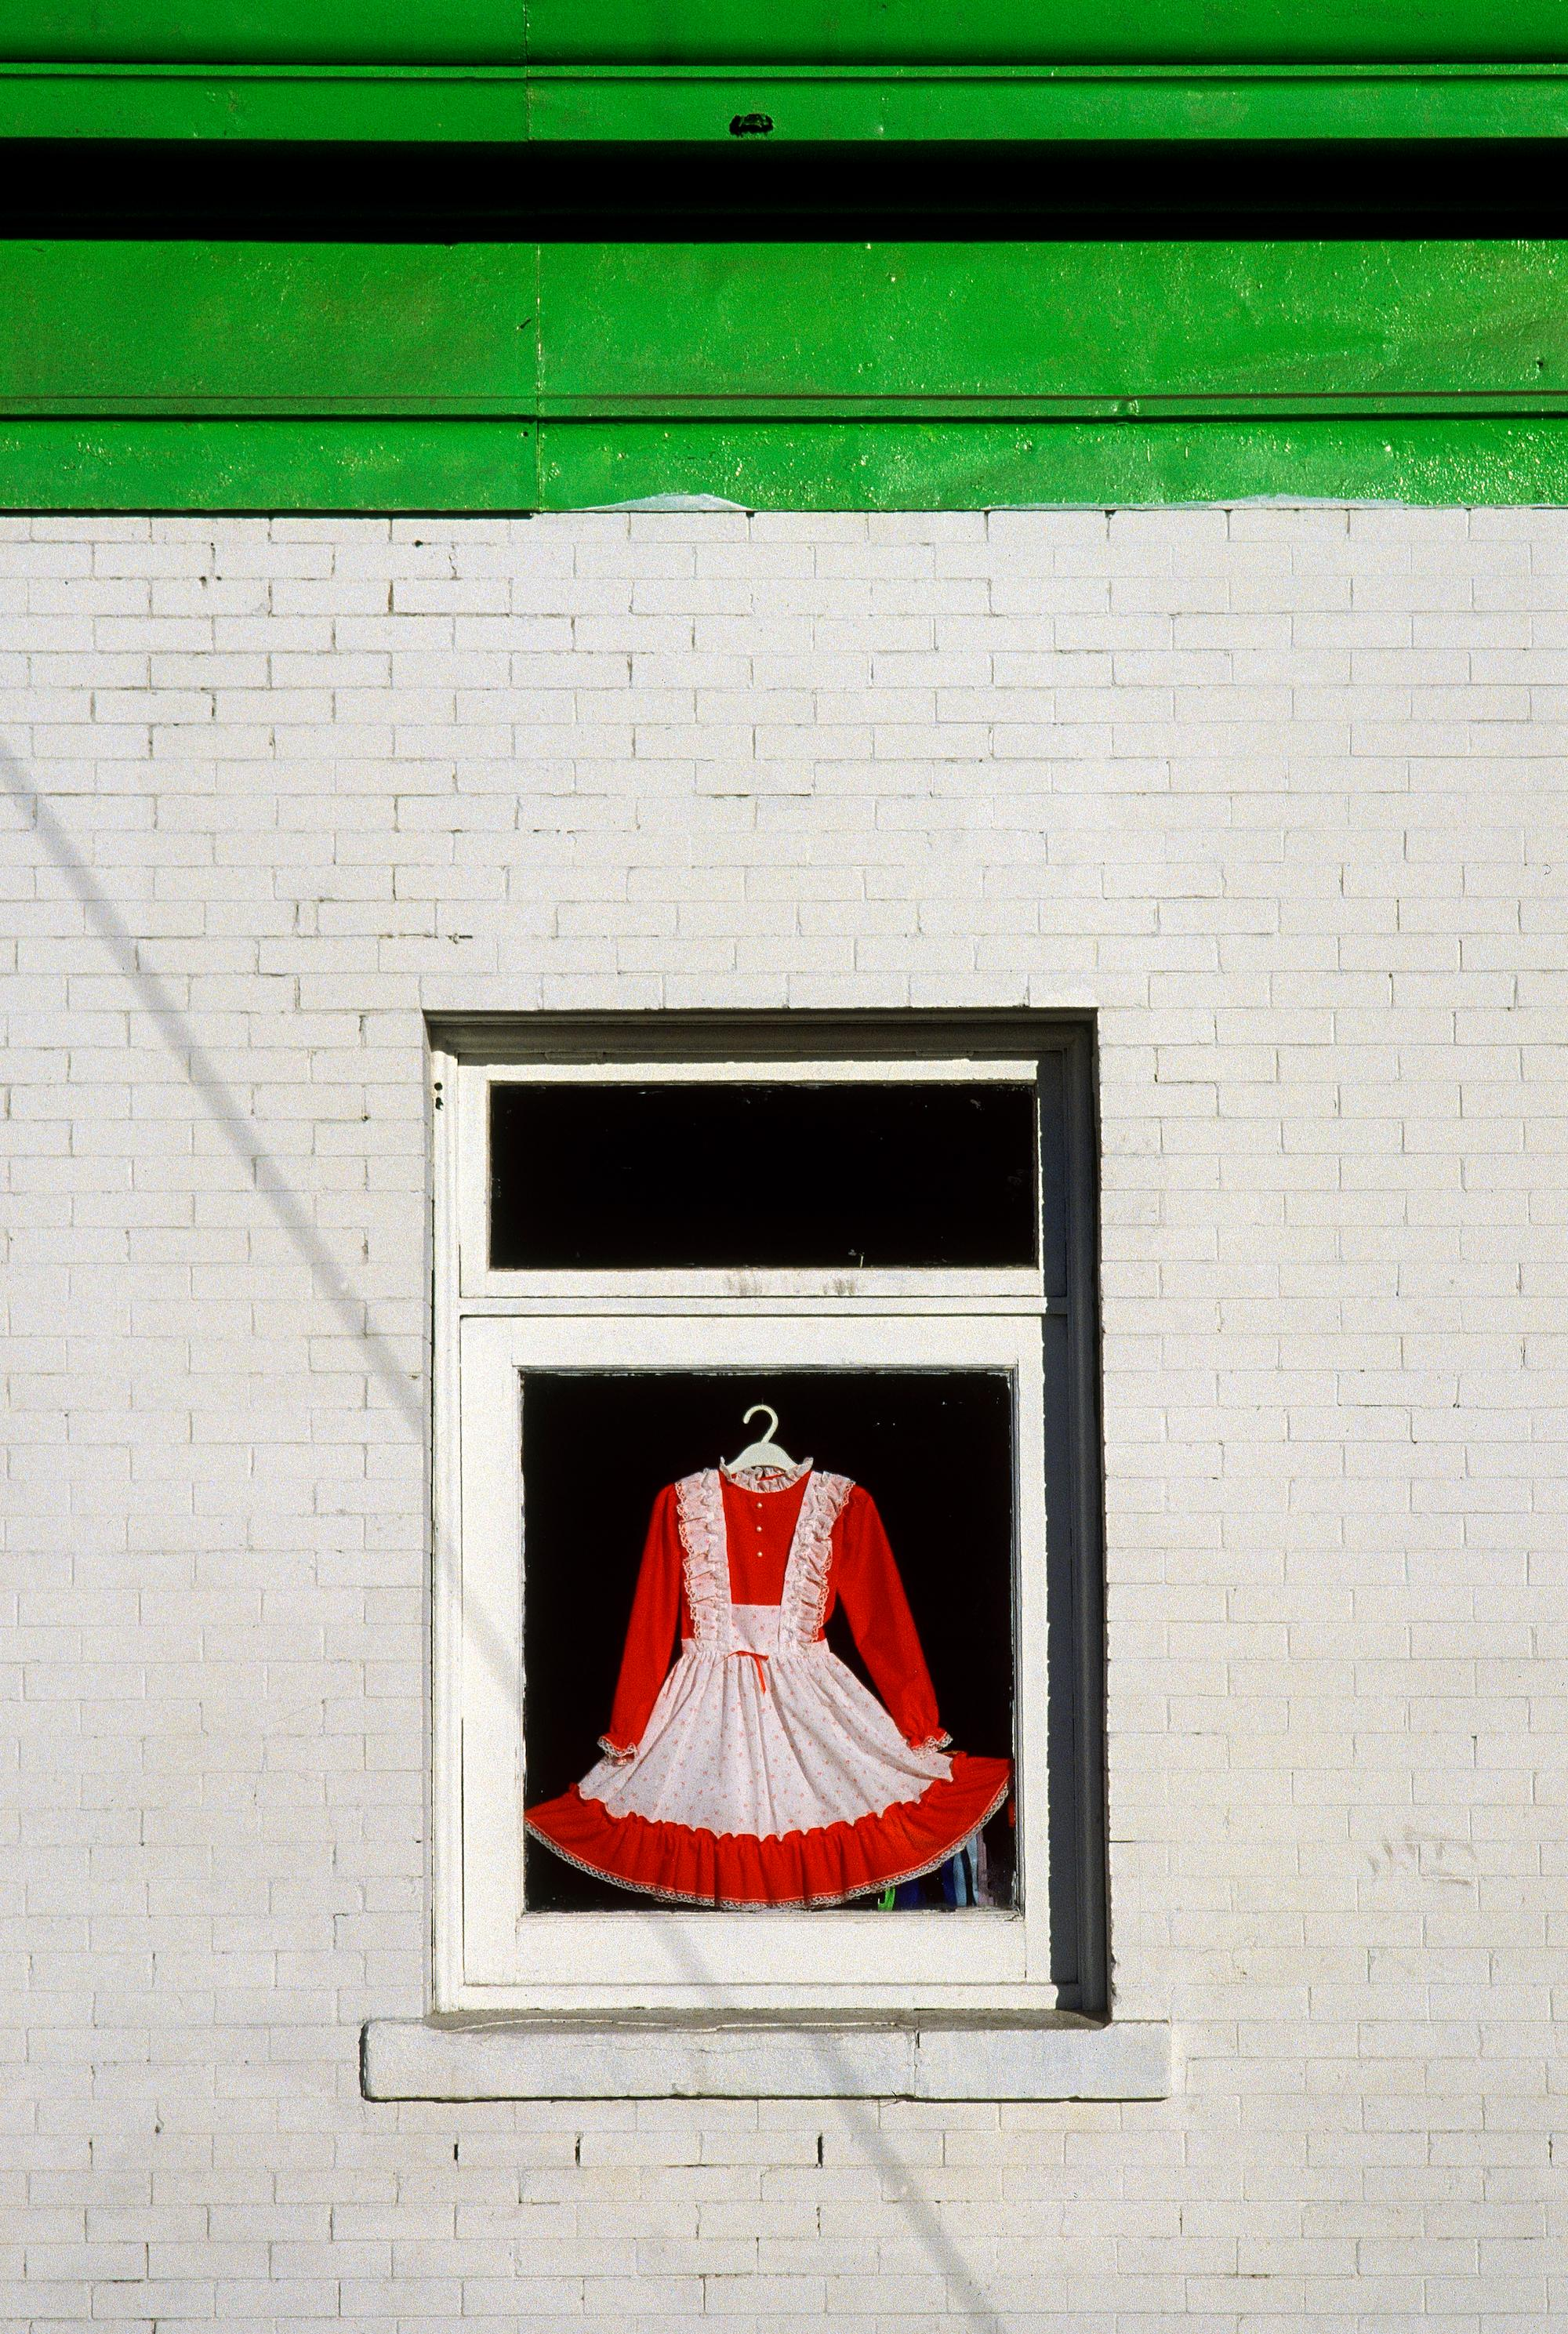 Dress in Window